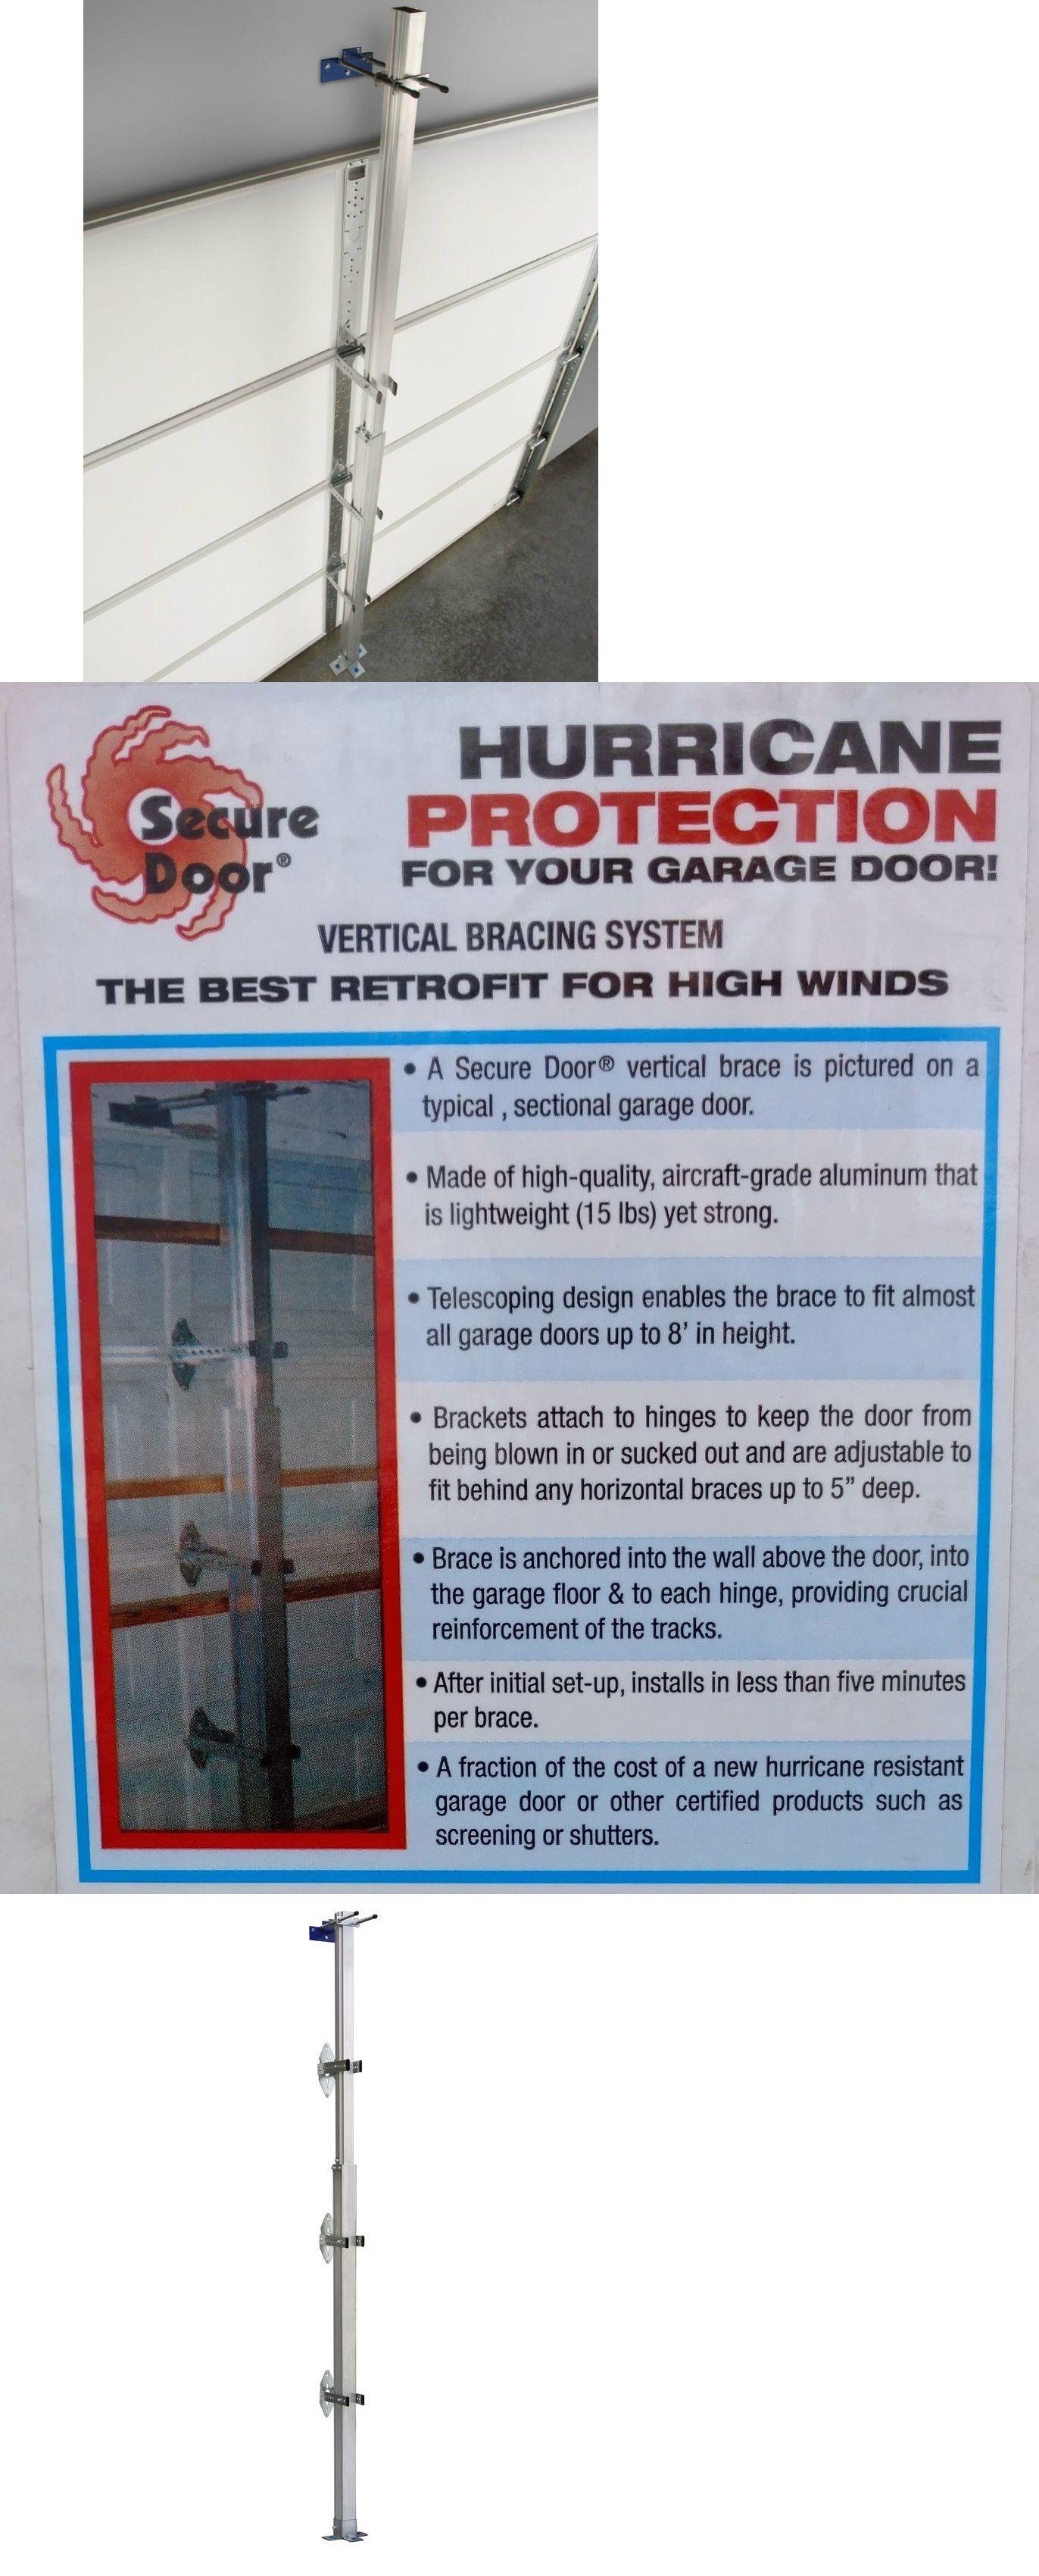 Securing Garage Door Hurricane Httpfranzdondi Pinterest